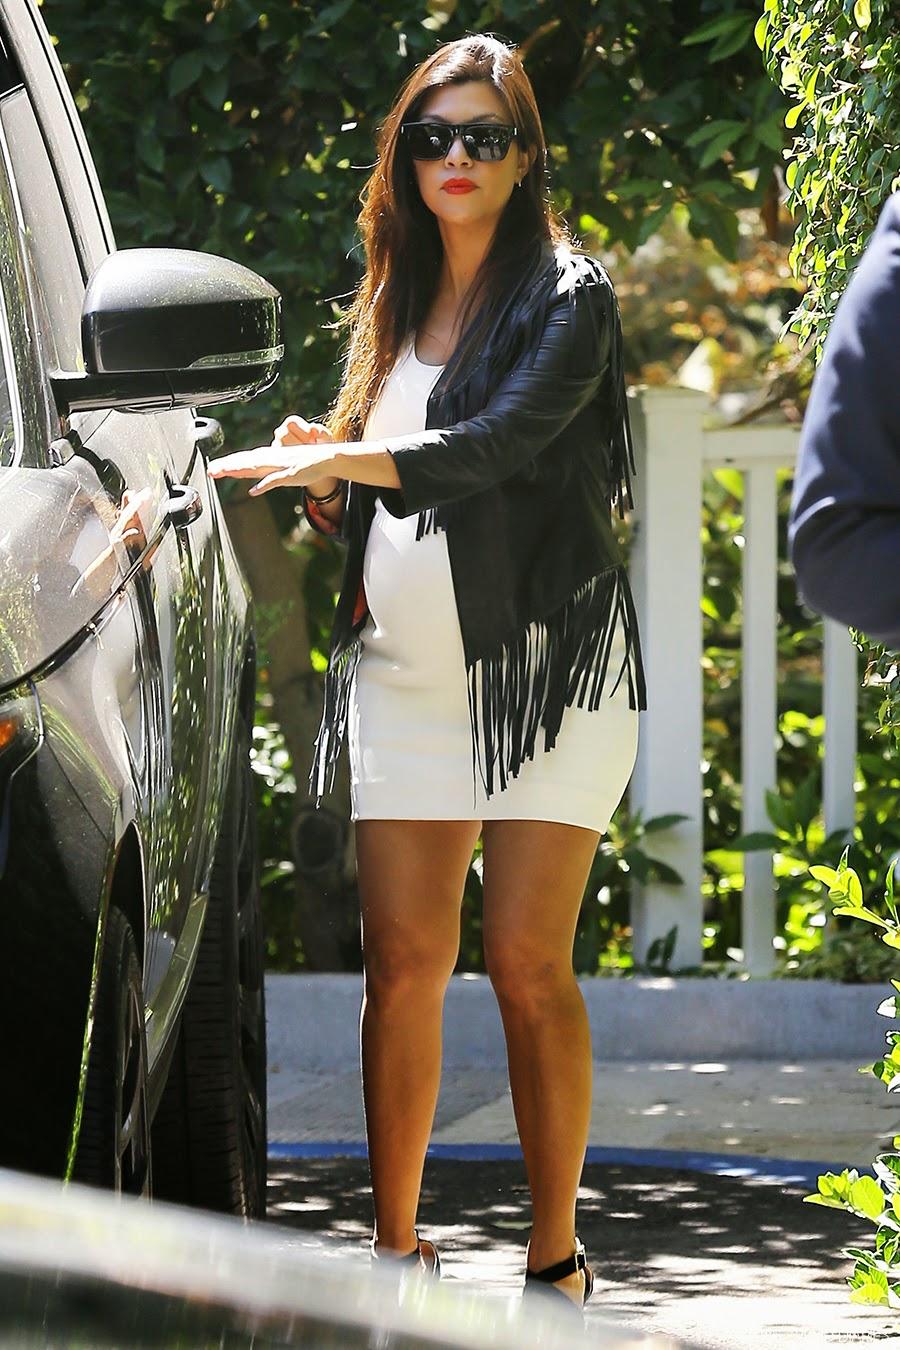 Style celebrity style black fringe leather jacket short white dress